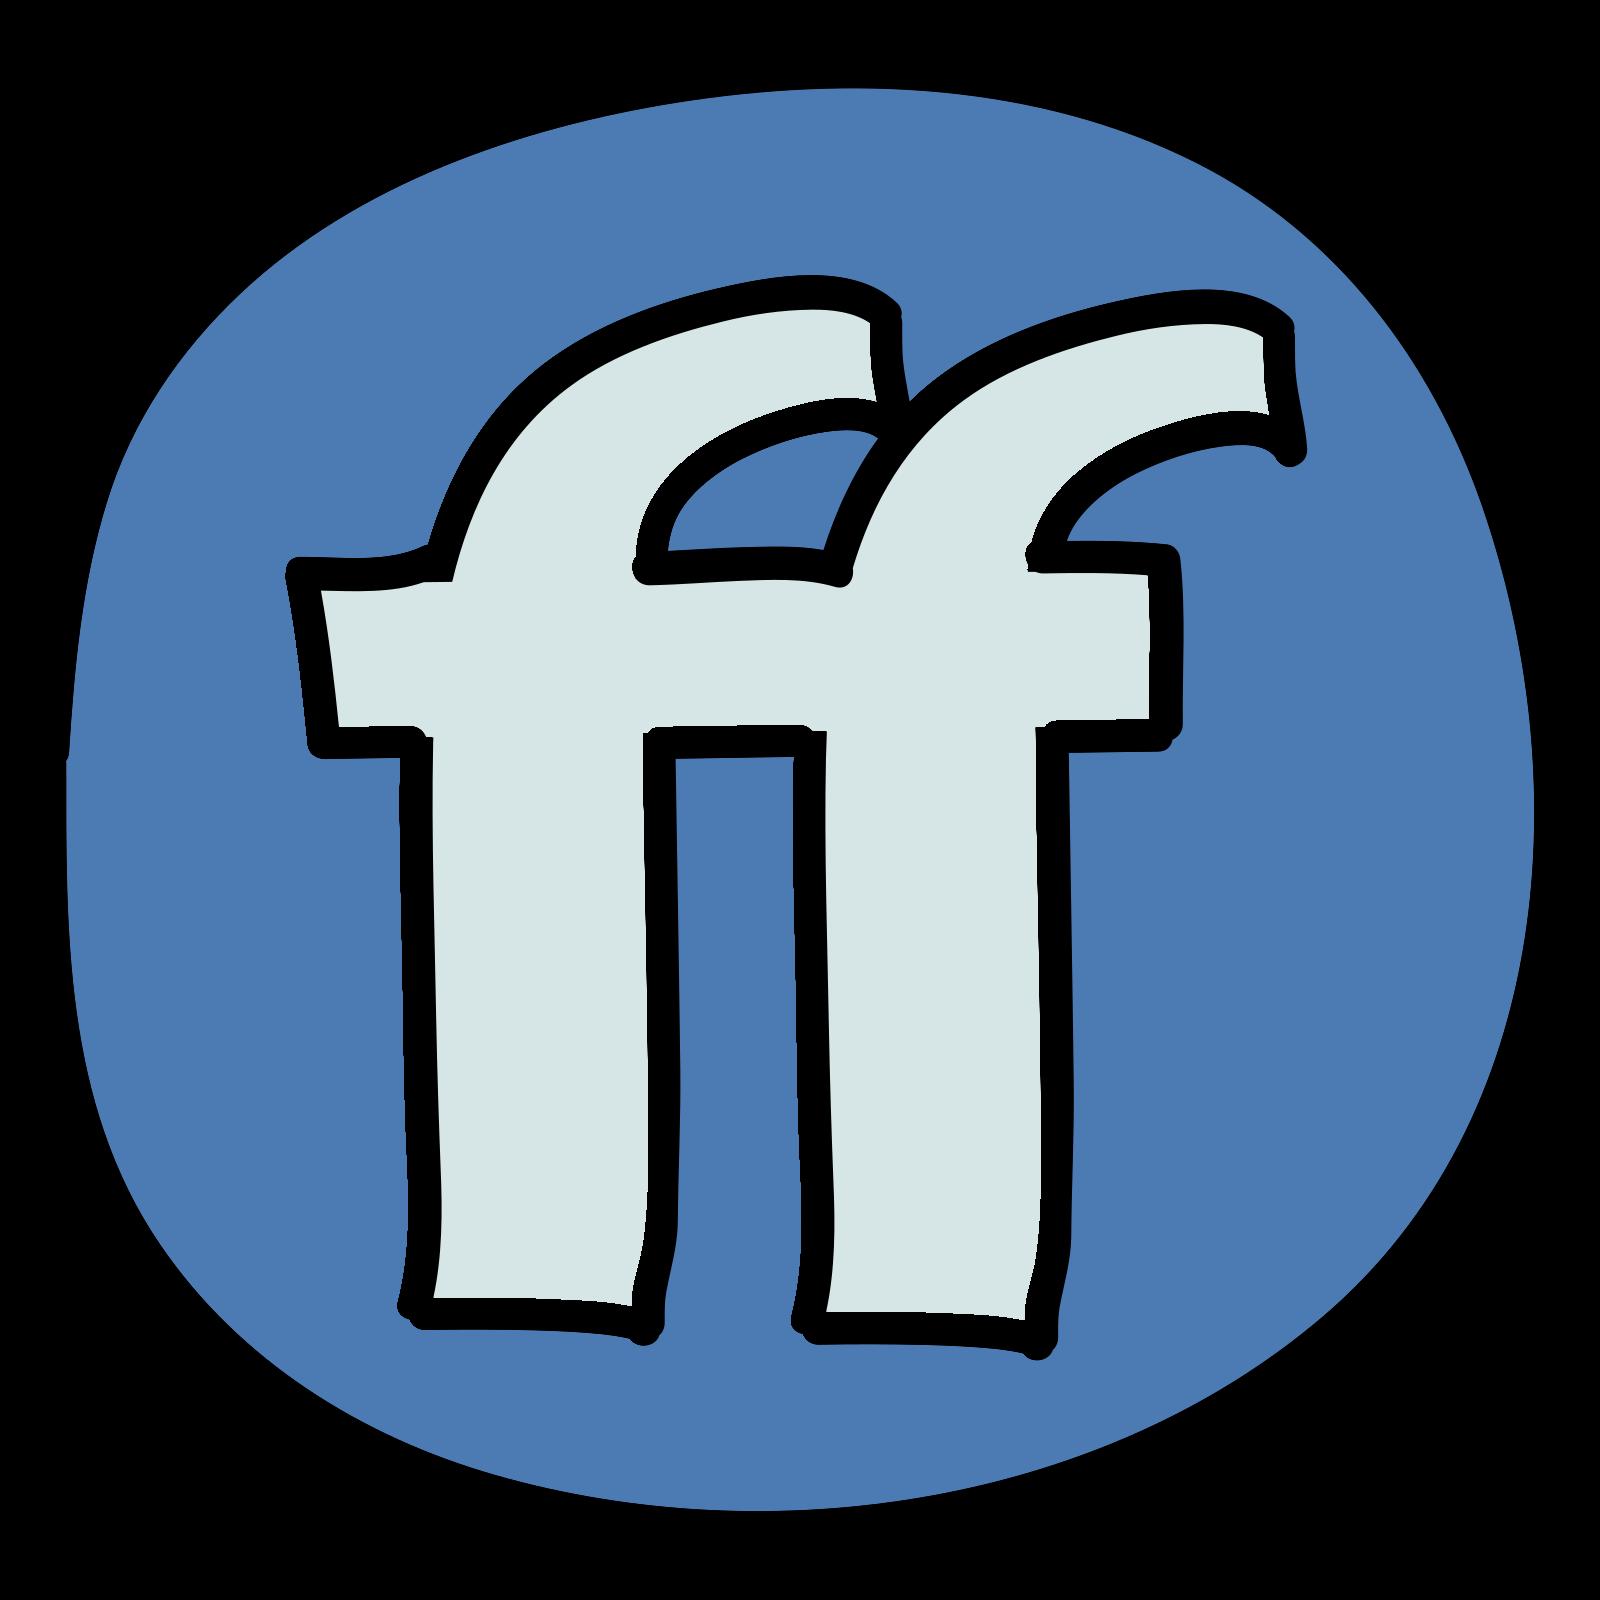 FreelanceFirm icon